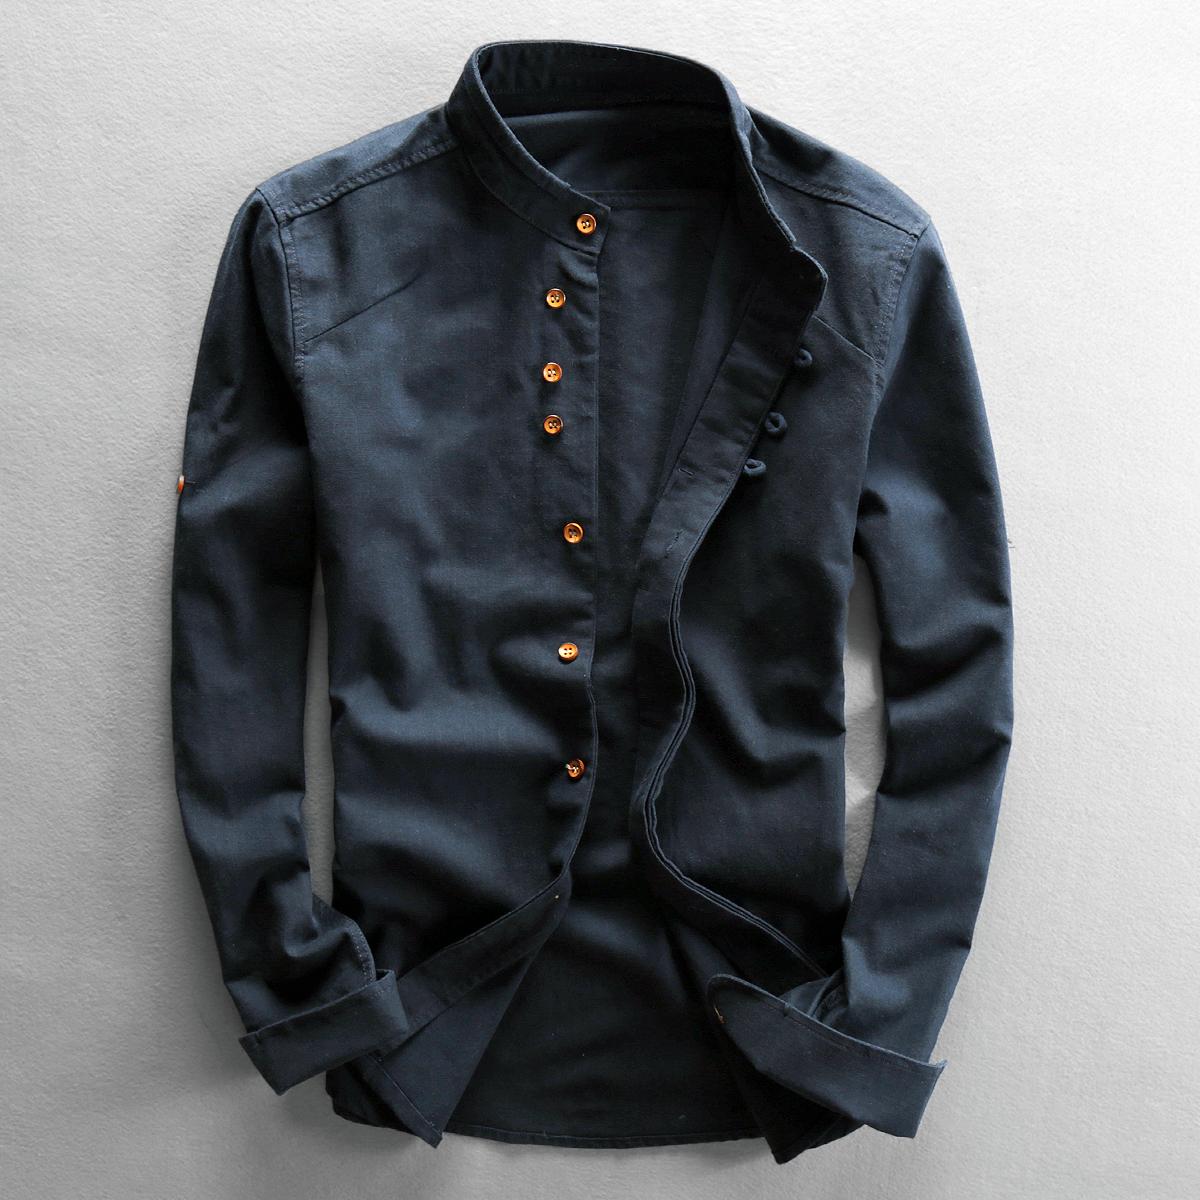 秋季立领亚麻衬衫男长袖纯色复古休闲修身棉麻中国风麻布料衬衣男